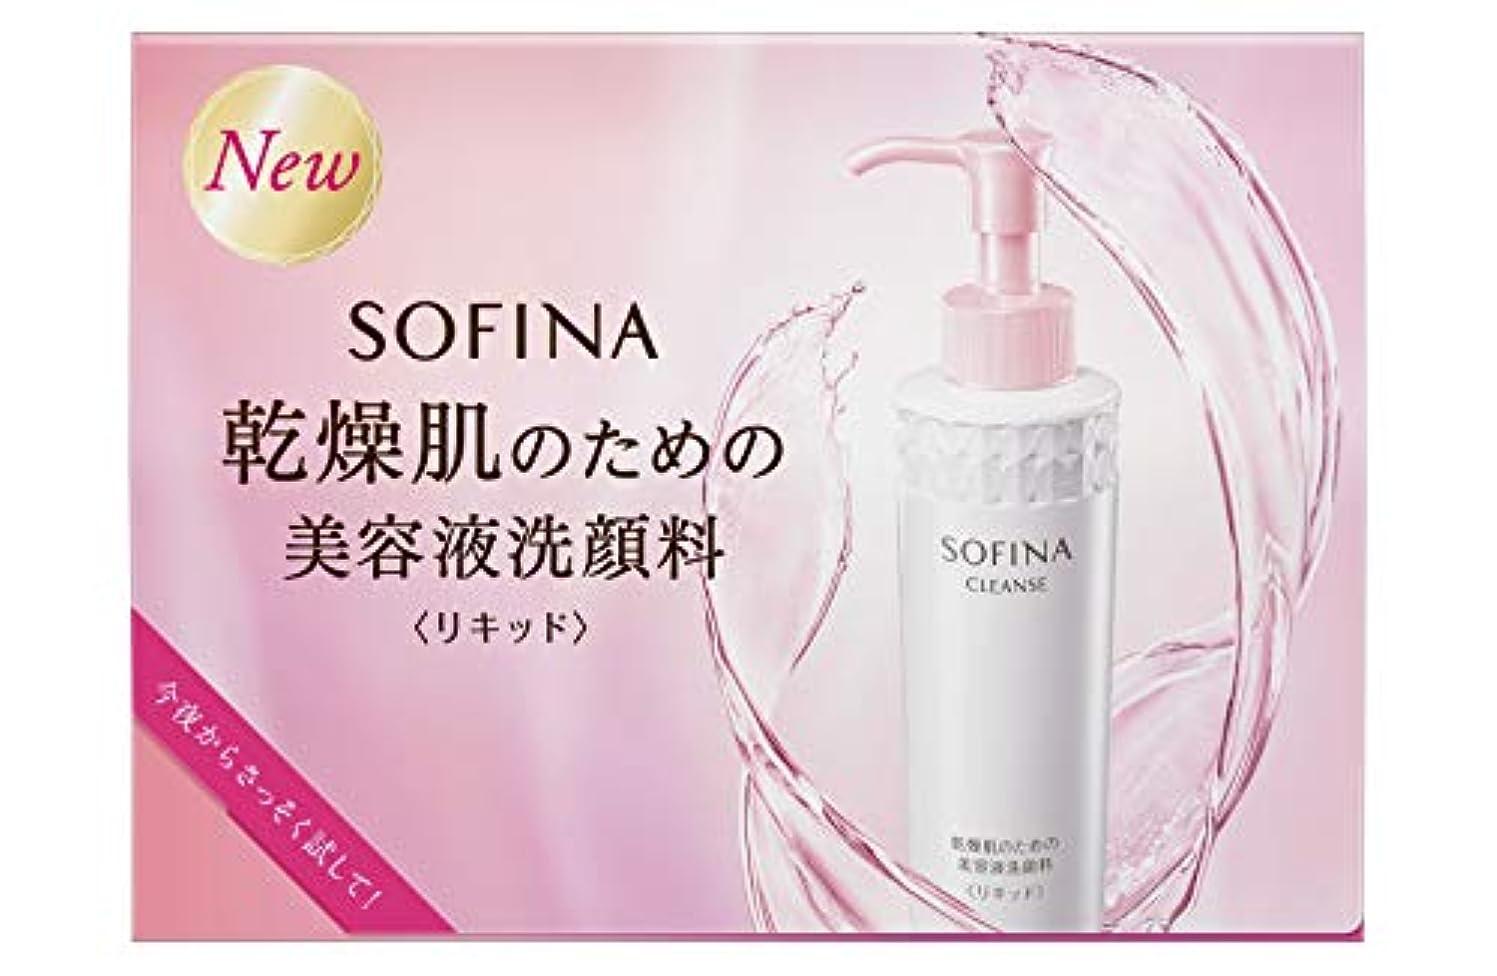 解く時系列身元ソフィーナ 乾燥肌のための美容液洗顔料(リキッド) お試しピロー 2ml×2 【実質無料サンプルストア対象】